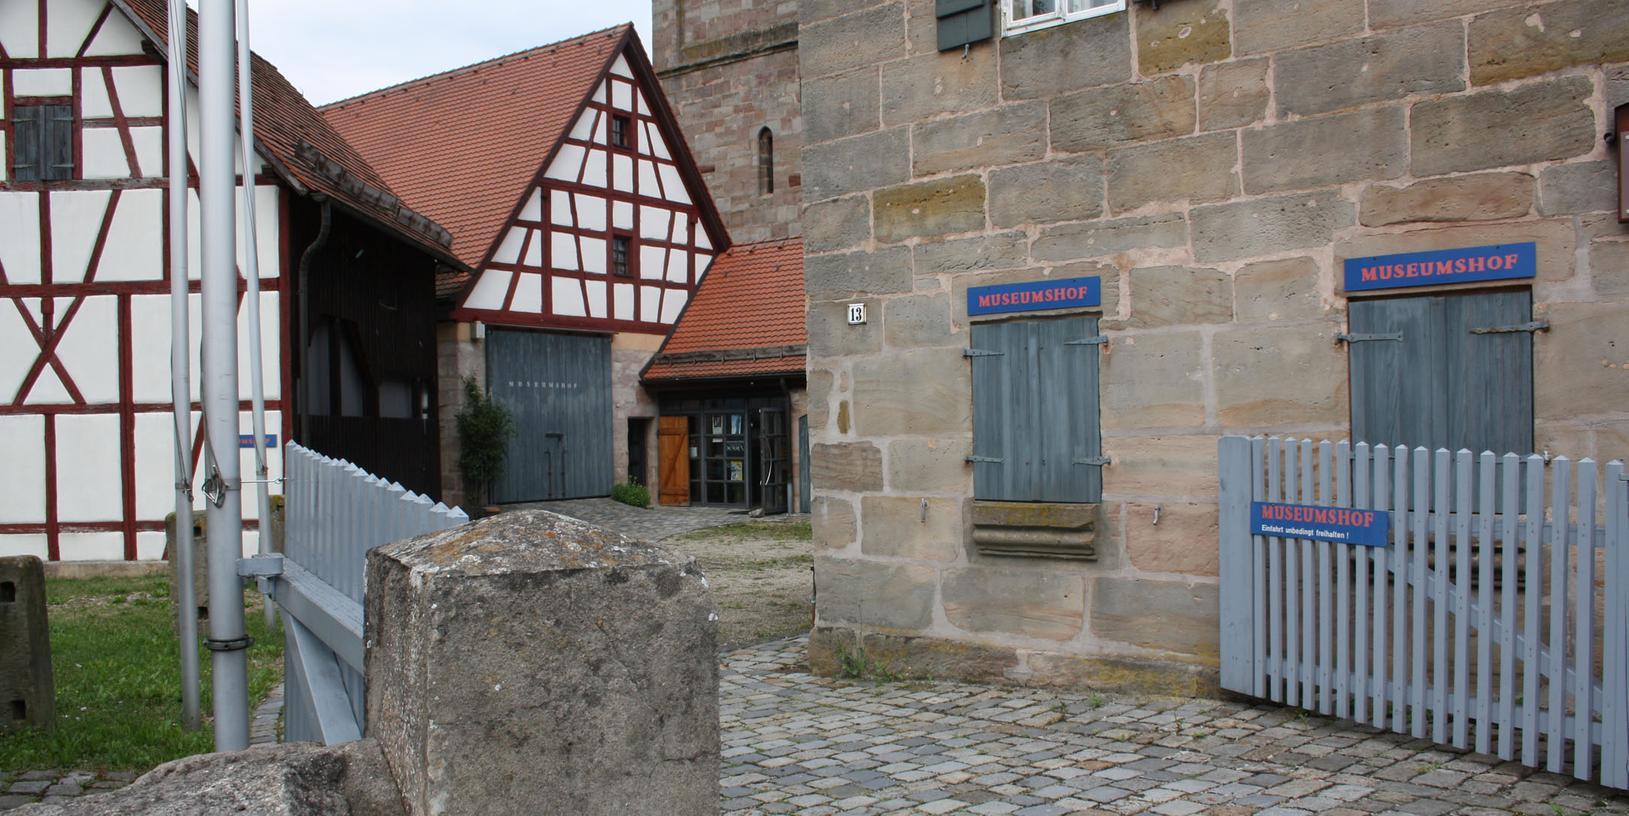 Das Roßtaler Museumshoffest lockt am Sonntag, 13. September, nicht nur mit Exponaten, sondern auch mit einer archäologischen Sammlung.